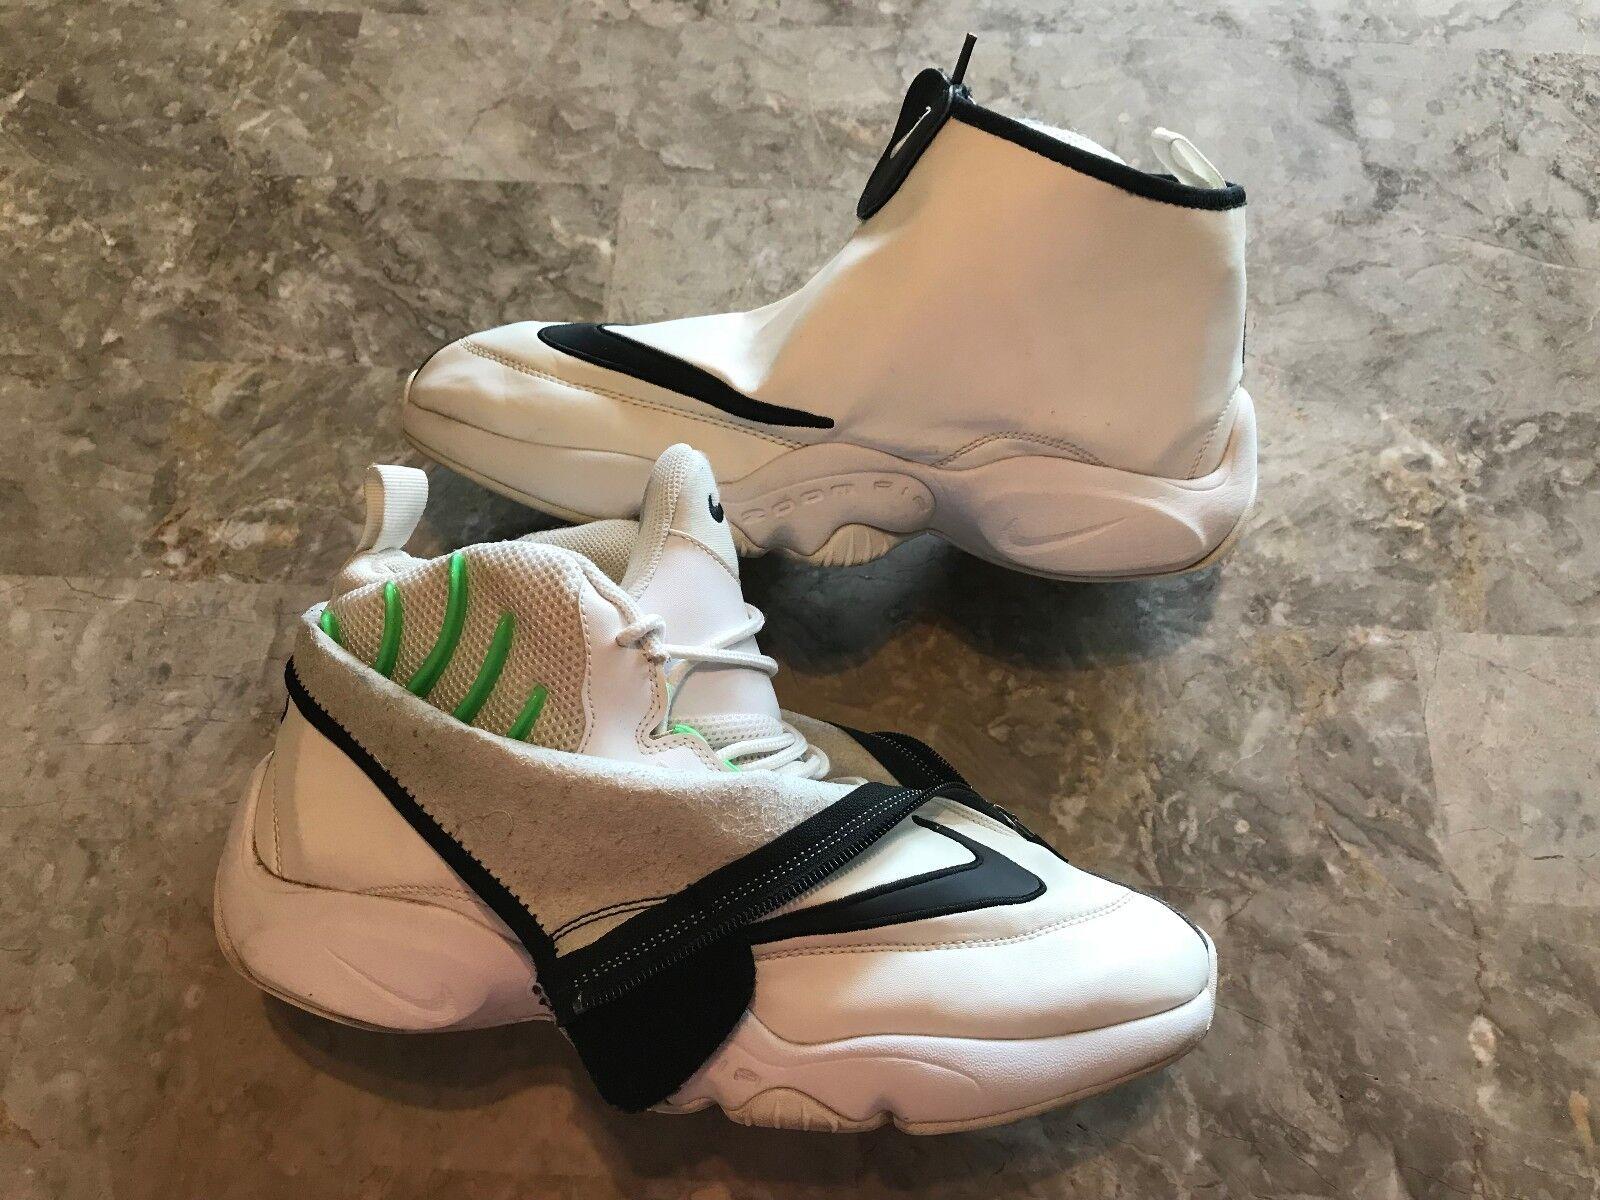 Nike Air Zoom Flight el guante veneno SL negro blanco verde veneno guante Comodo dbe7fc